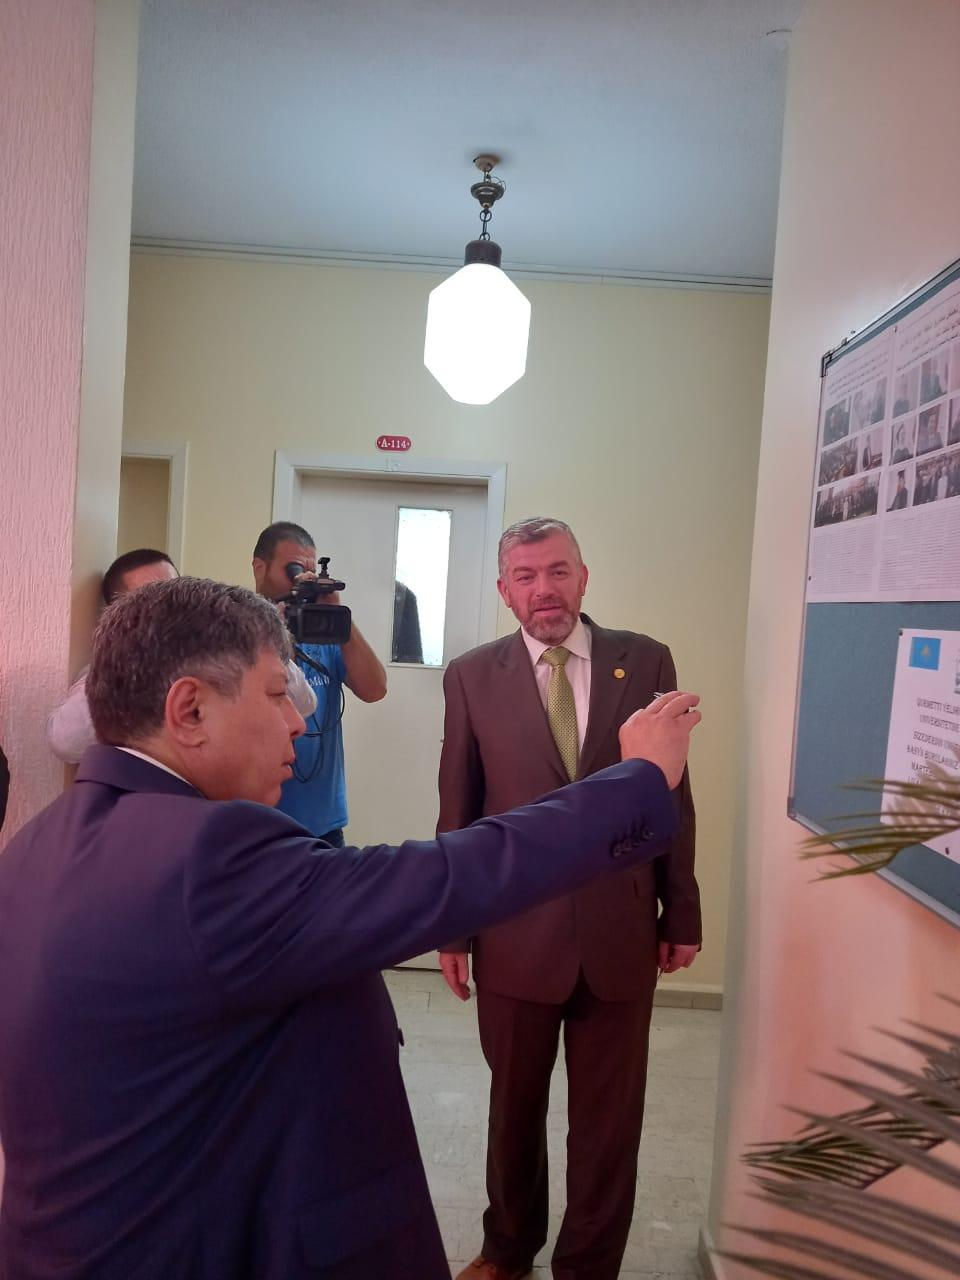 البعثة الدبلوماسية لجمهورية كازاخستان  في لبنان تزور جامعة طرابلس (3/13)